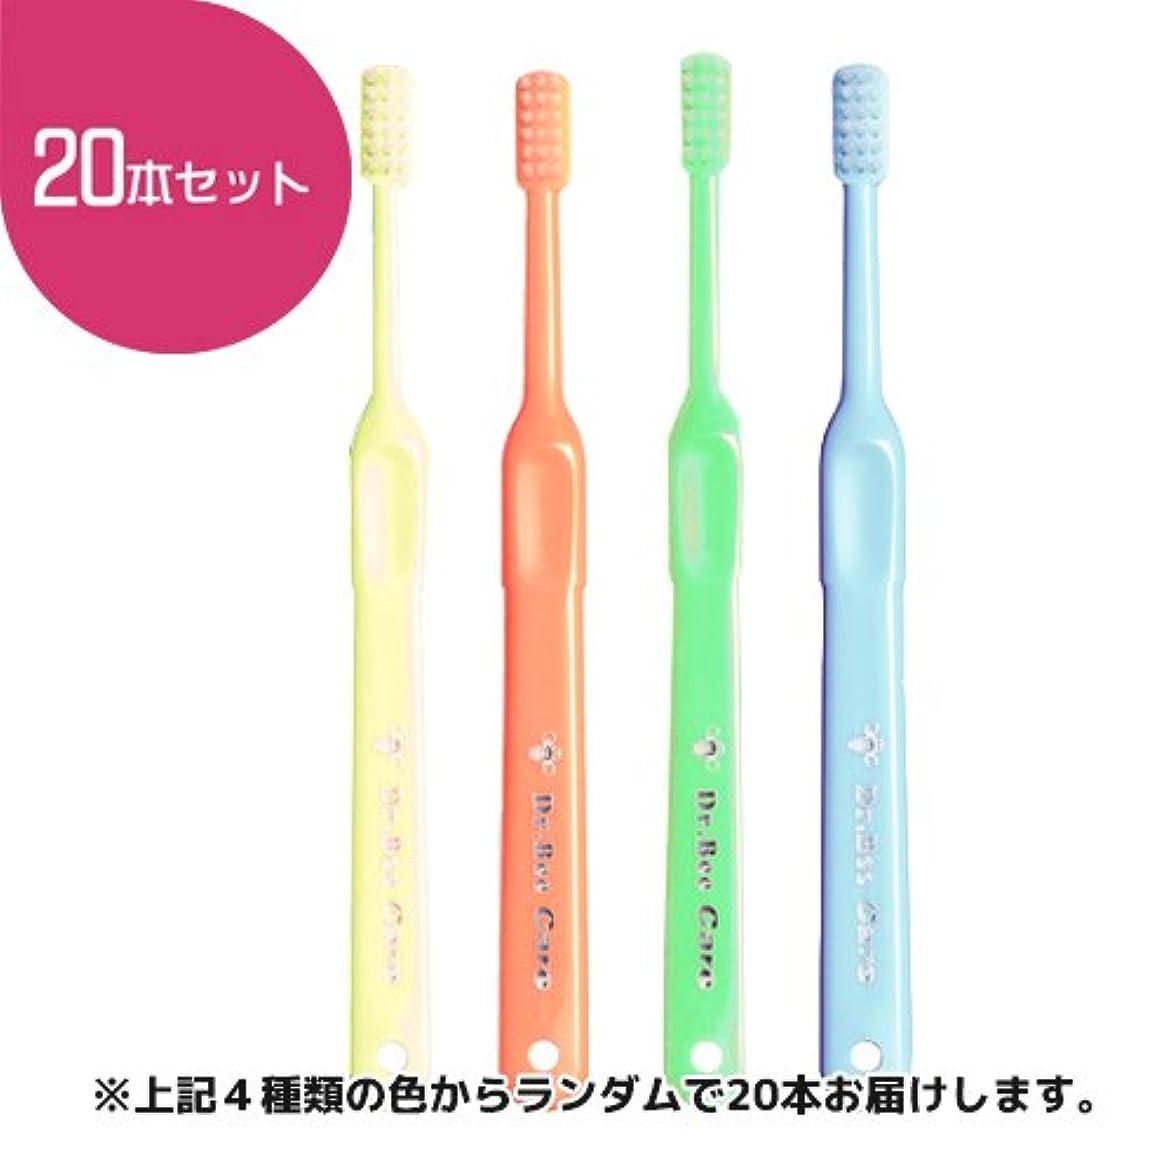 つなぐ物理的なコマースビーブランド ドクタービーケア 歯ブラシ 20本